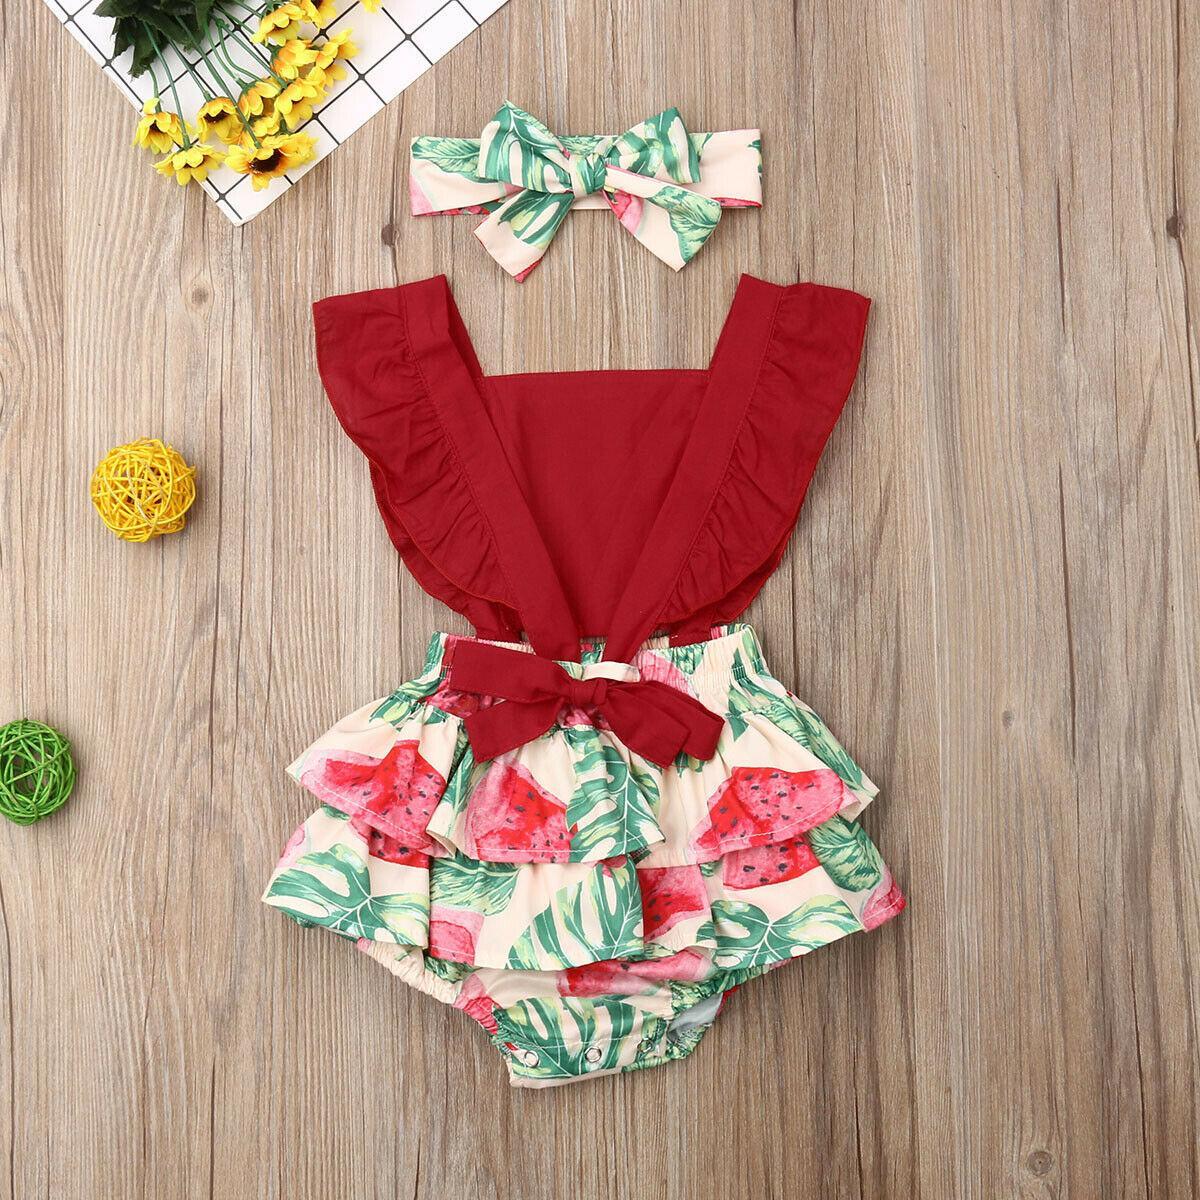 2019 do bebê roupas de verão Infante recém-nascido Floral bebé de limão melancia Bodysuit Ruffled Macacão alça roupa Outfit